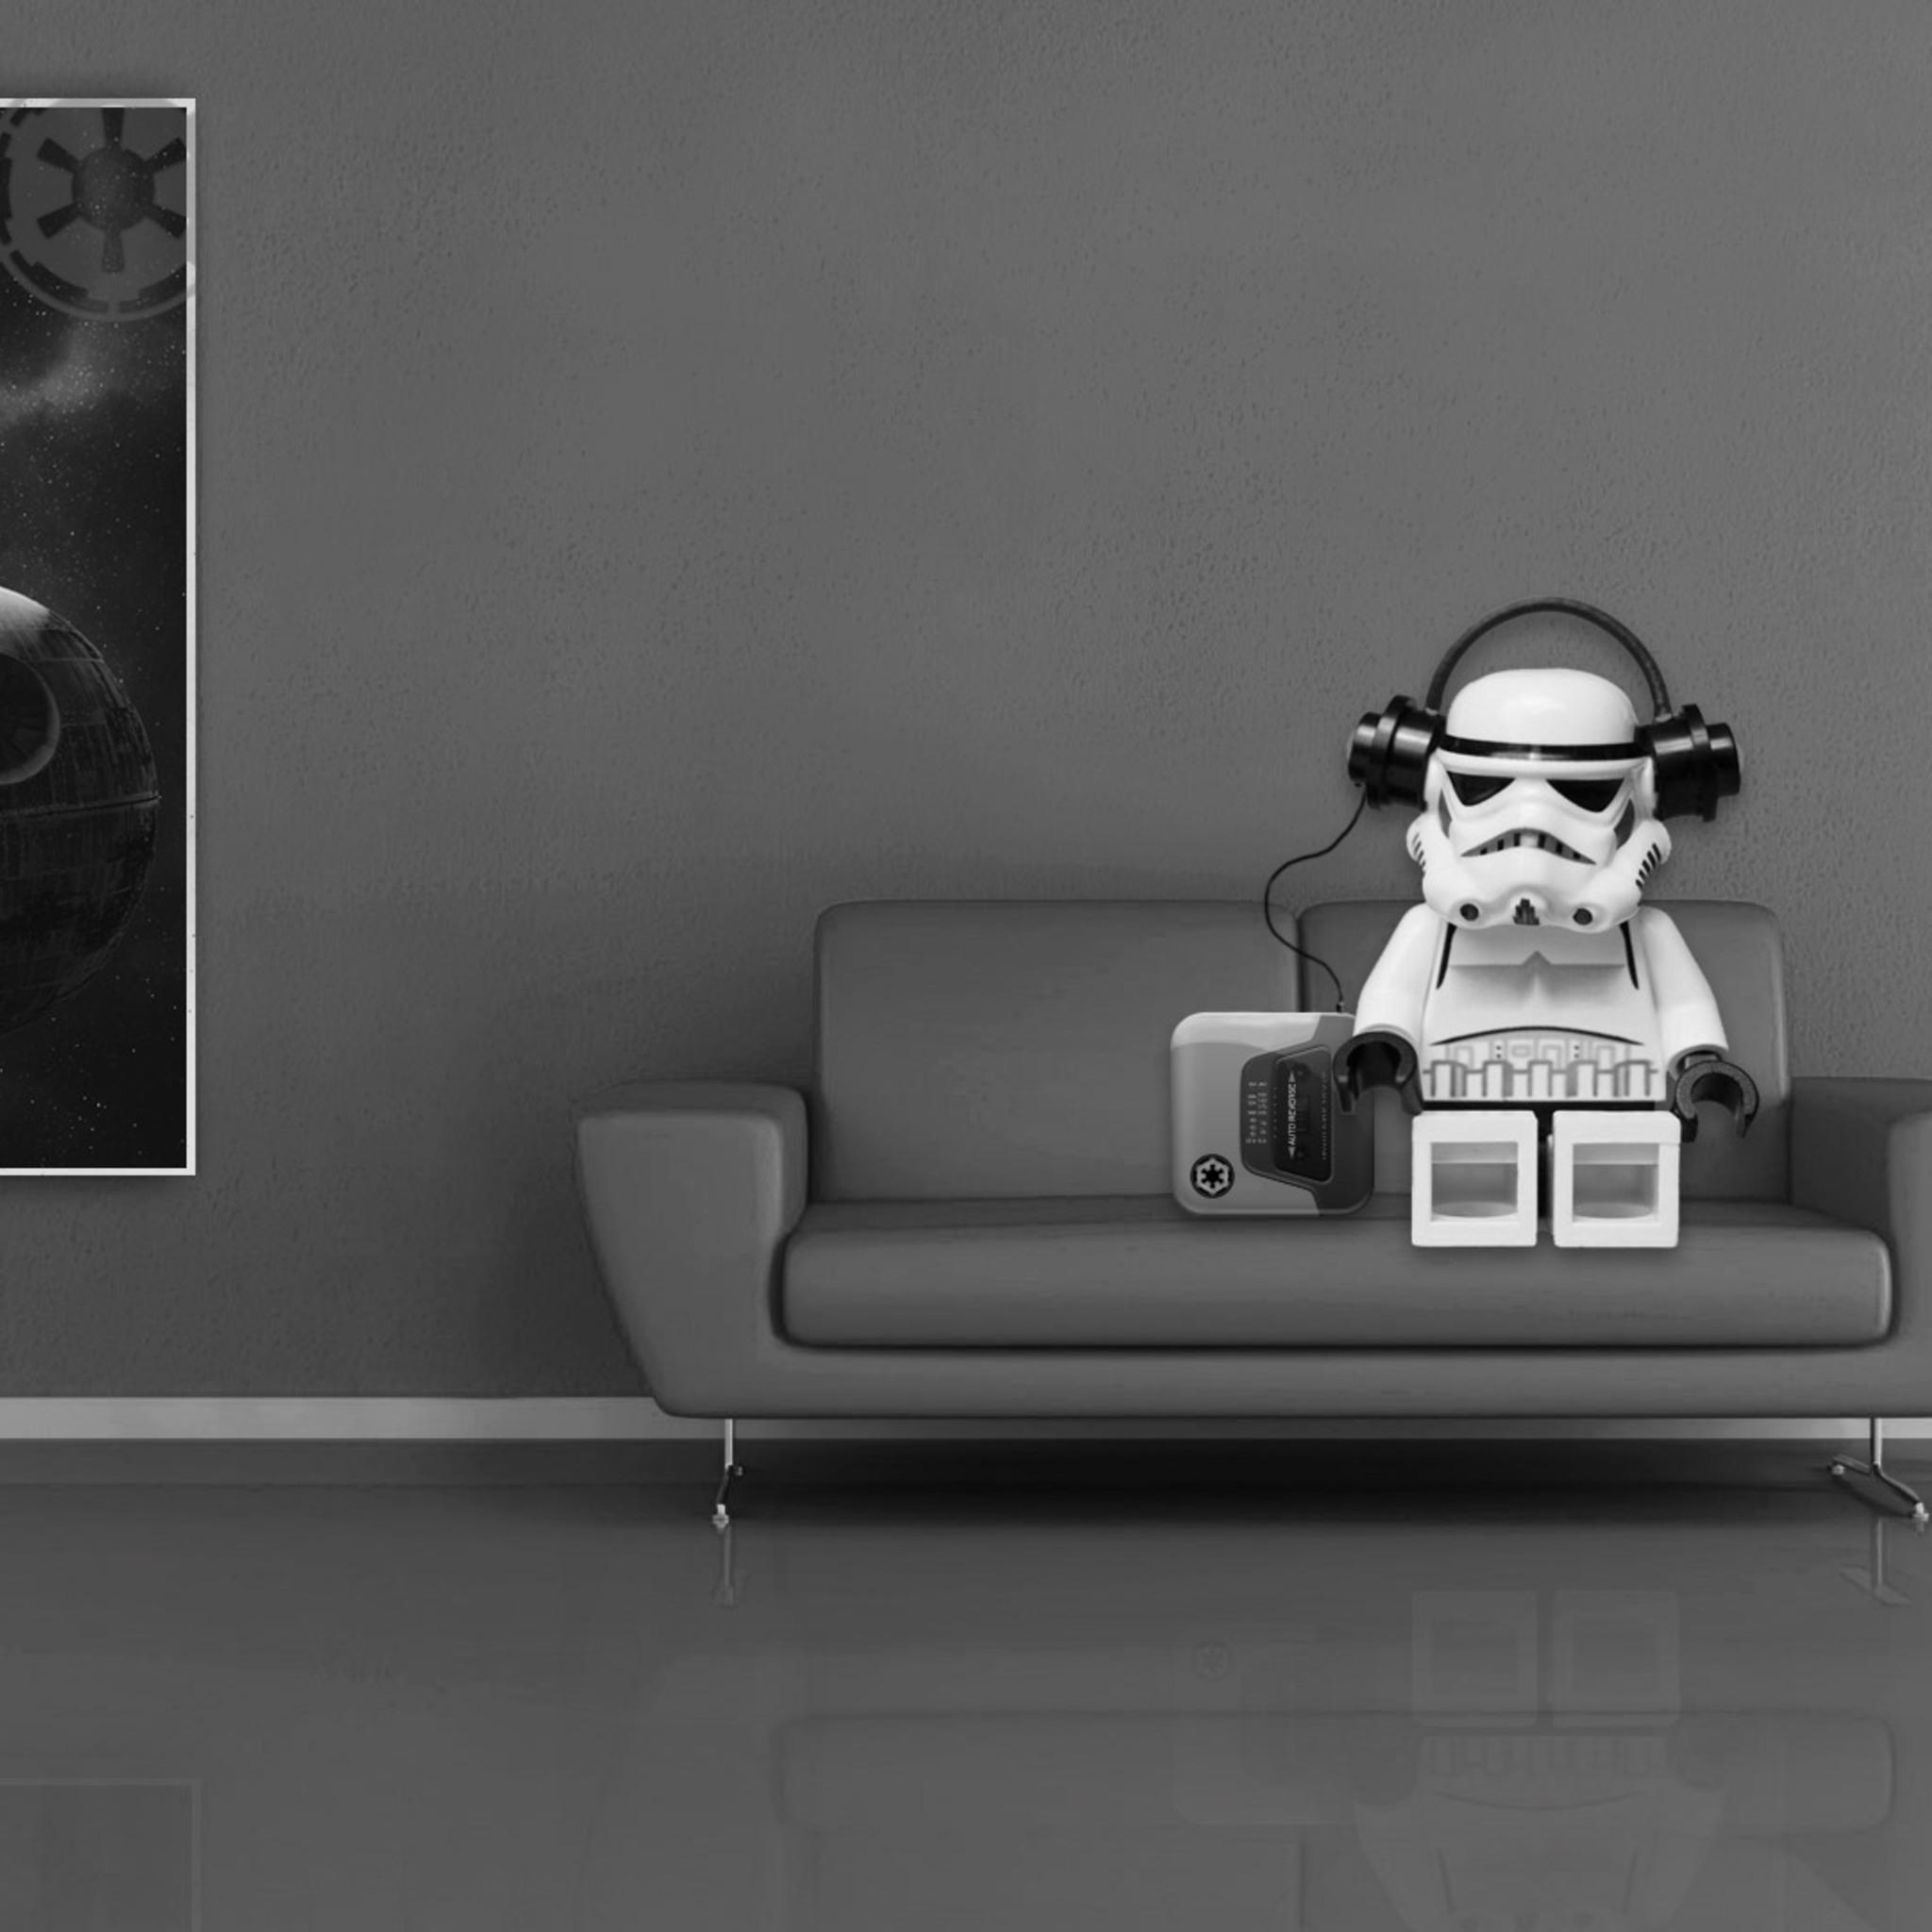 2048x2048 Stormtrooper Lego Star Wars Ipad Air HD 4k